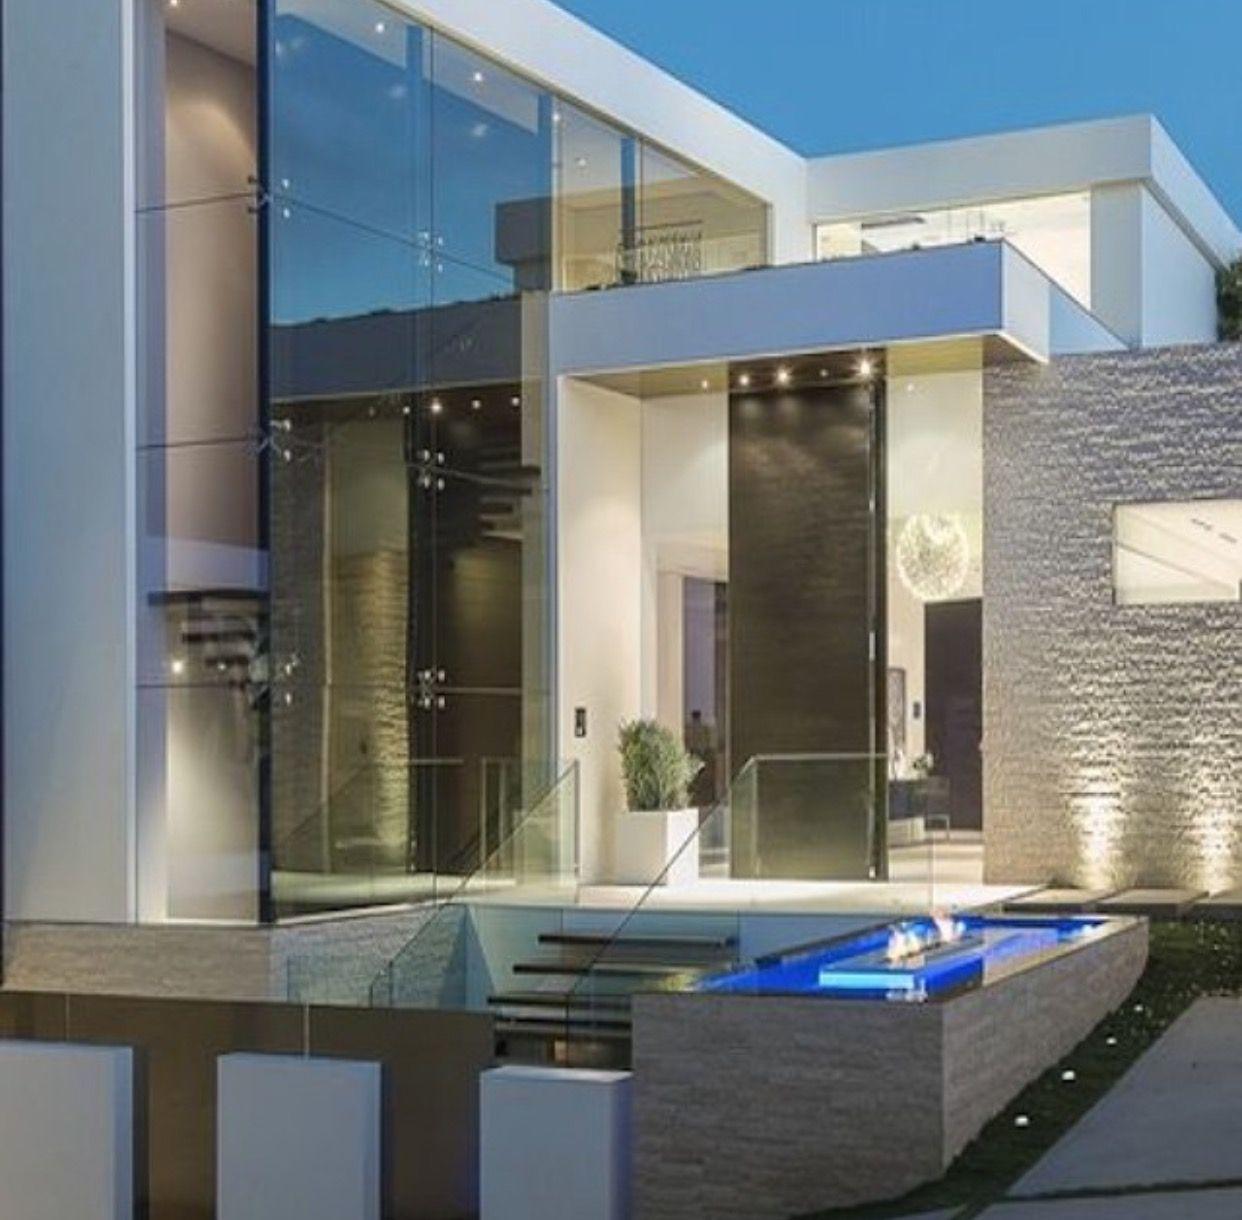 Pin de ariff en arquitectura arquitectura casas dise o for Arquitectura y diseno de casas modernas